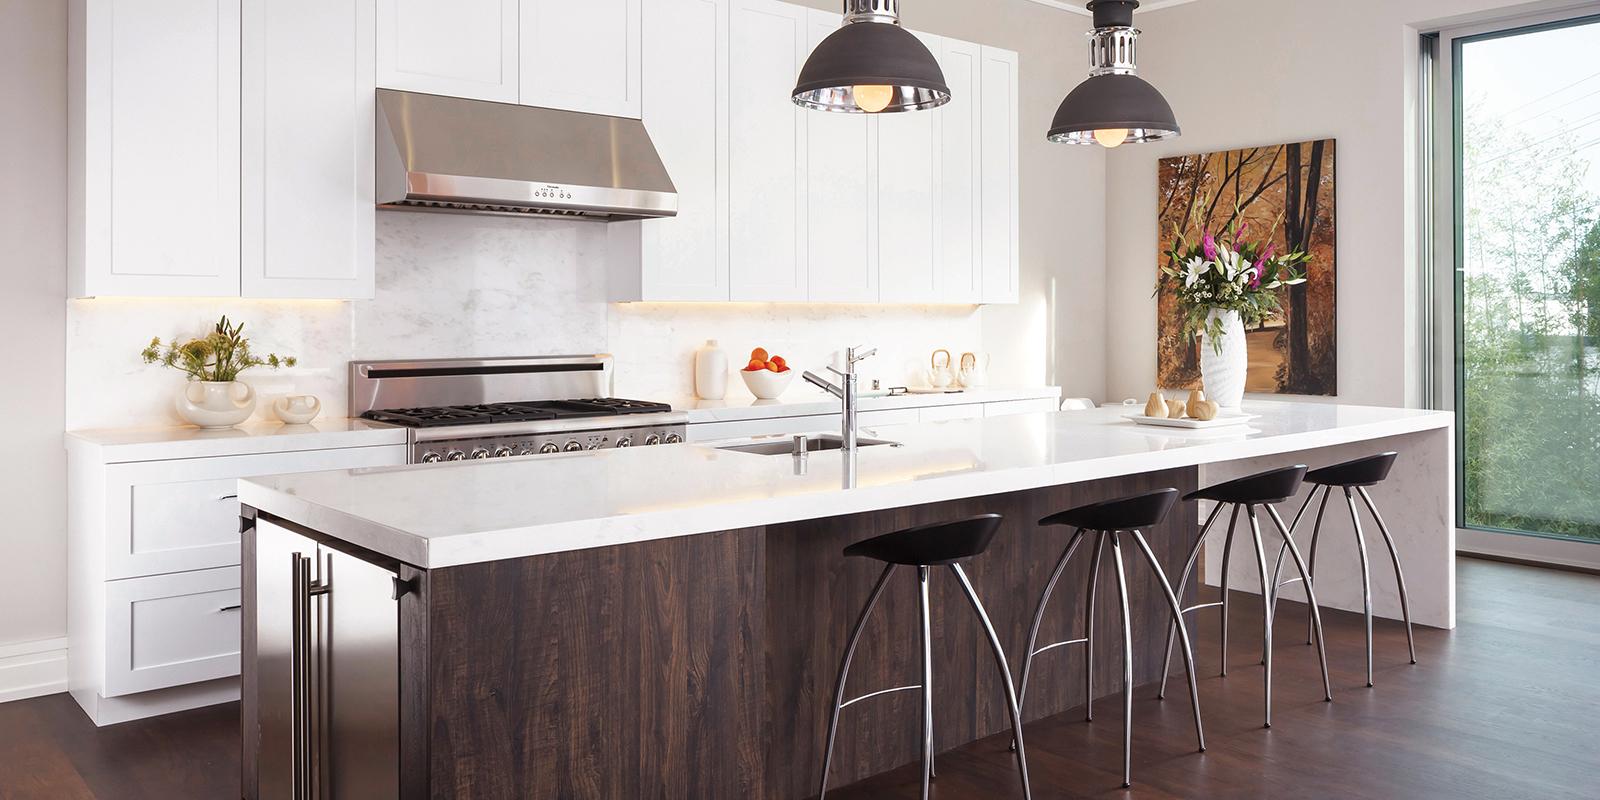 Bellmont kitchen